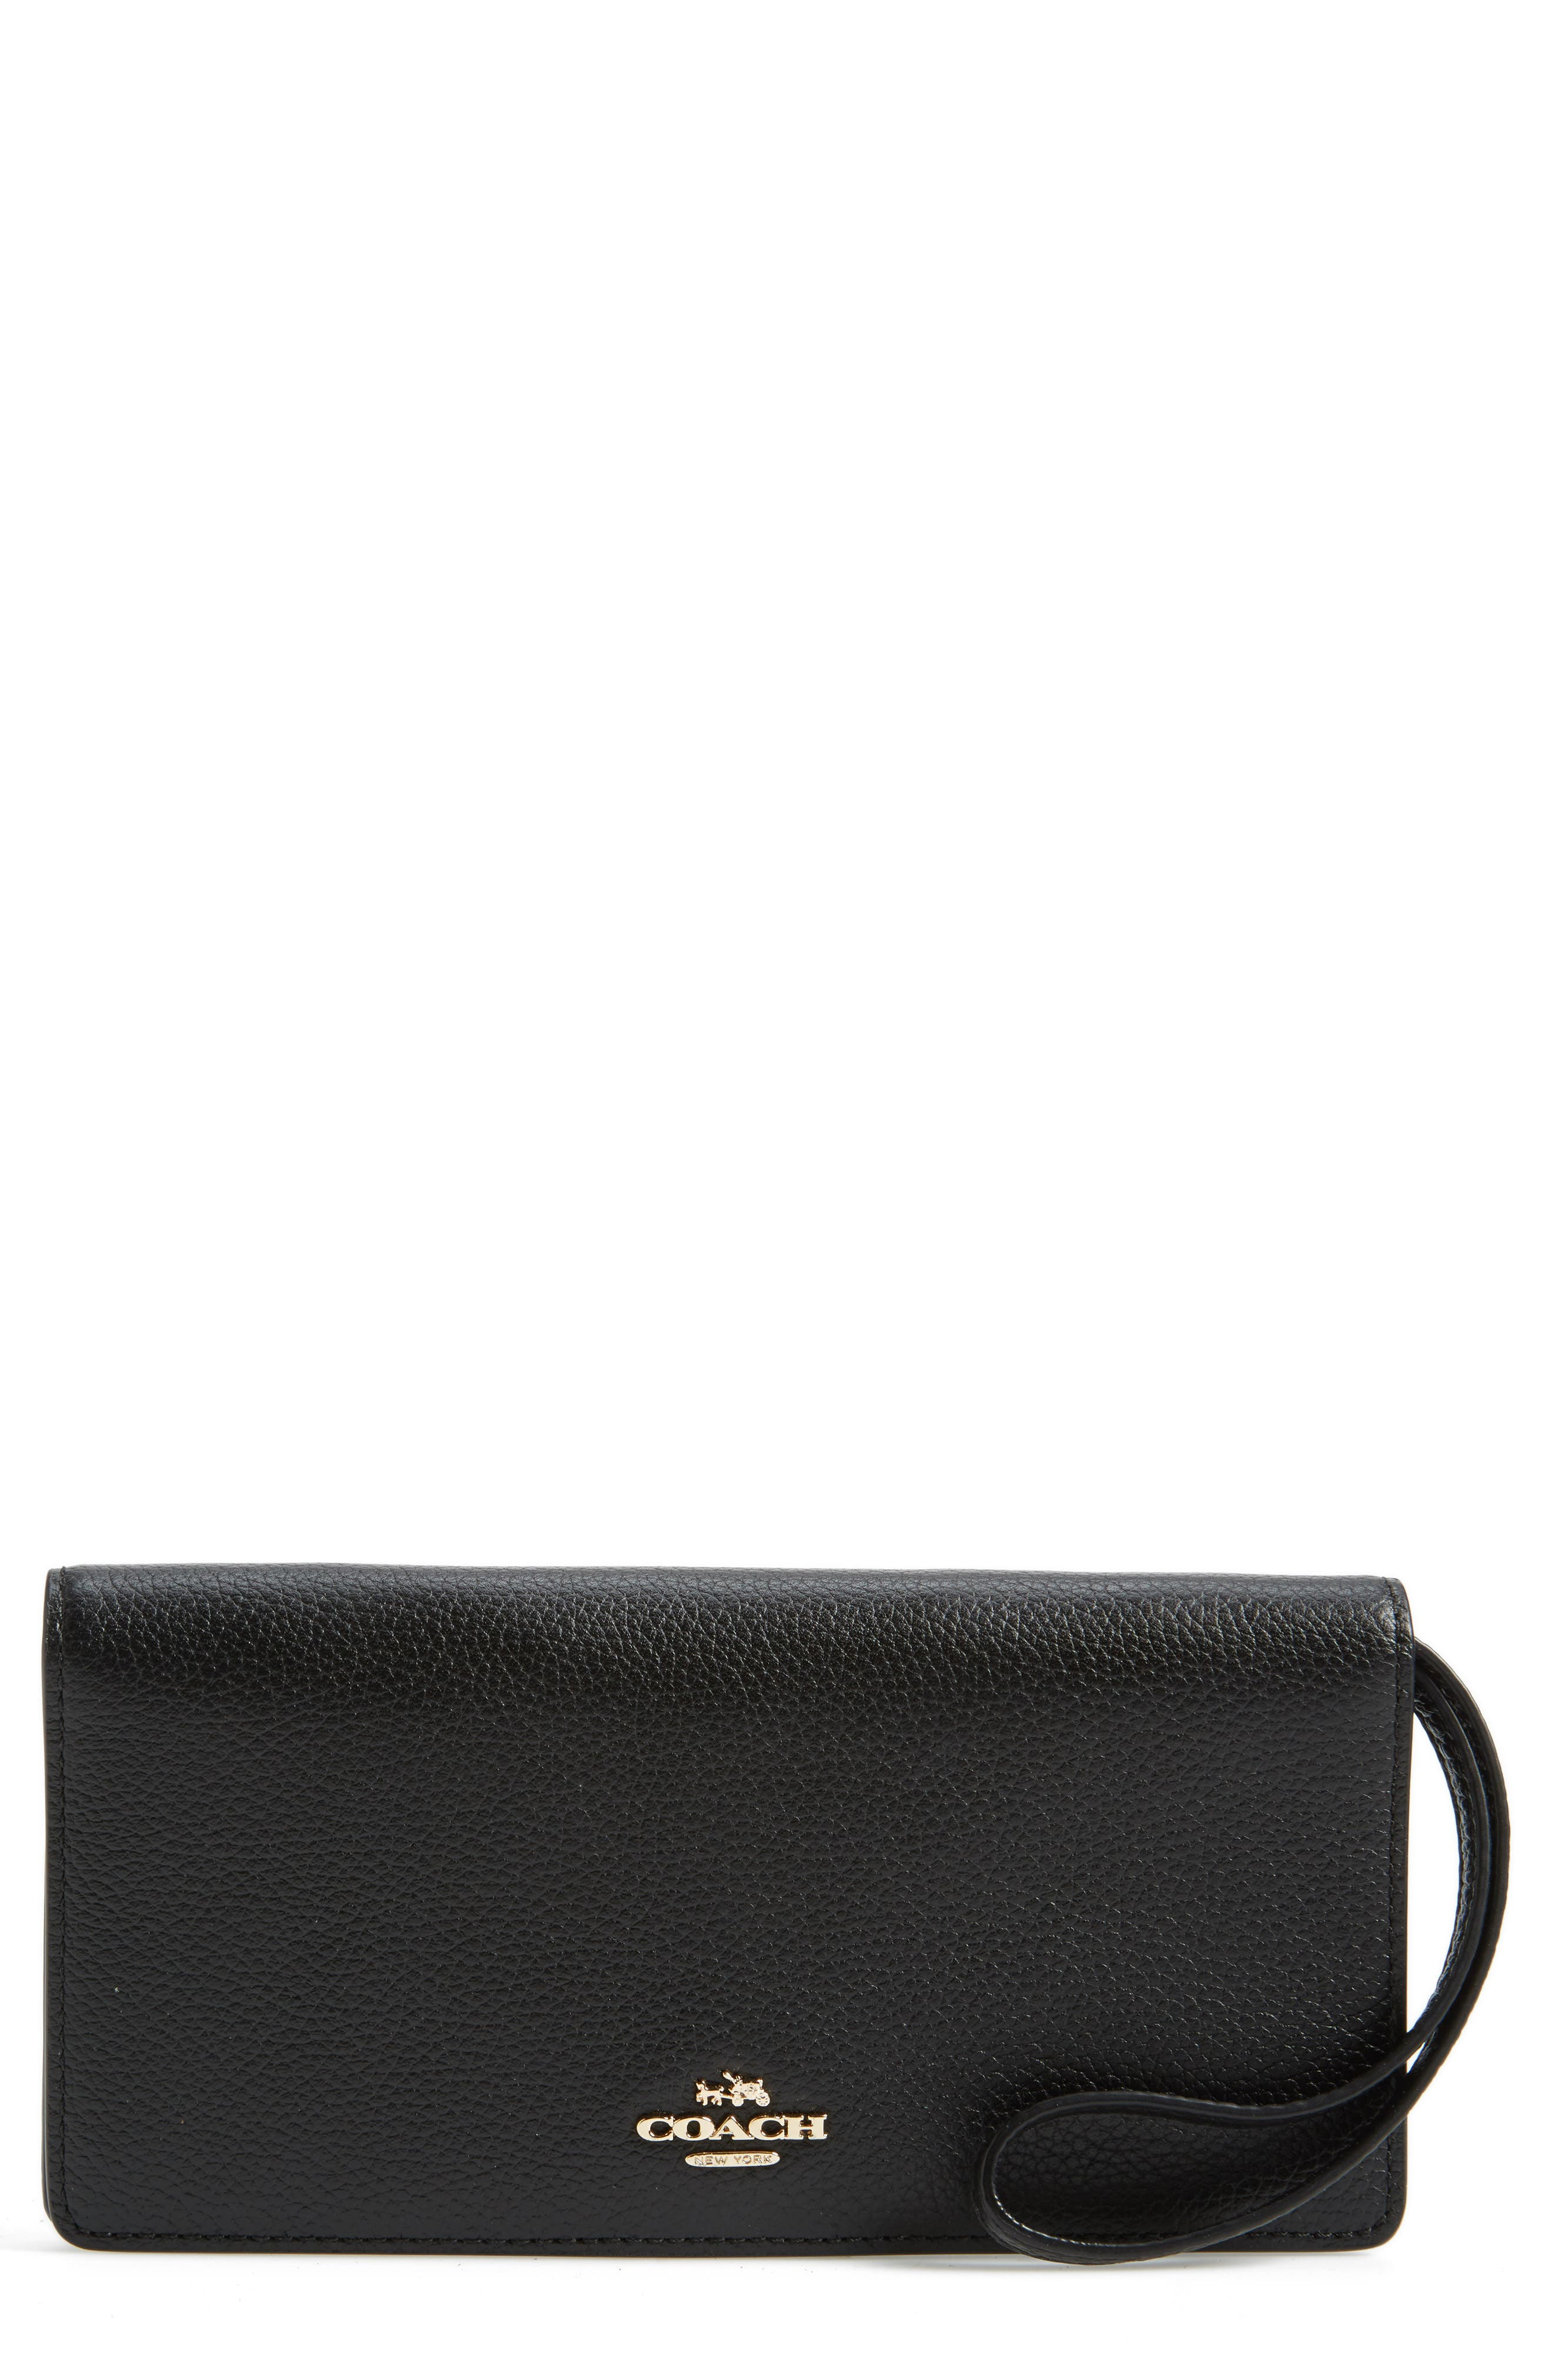 Slim Calfskin Leather Wristlet,                         Main,                         color, Black